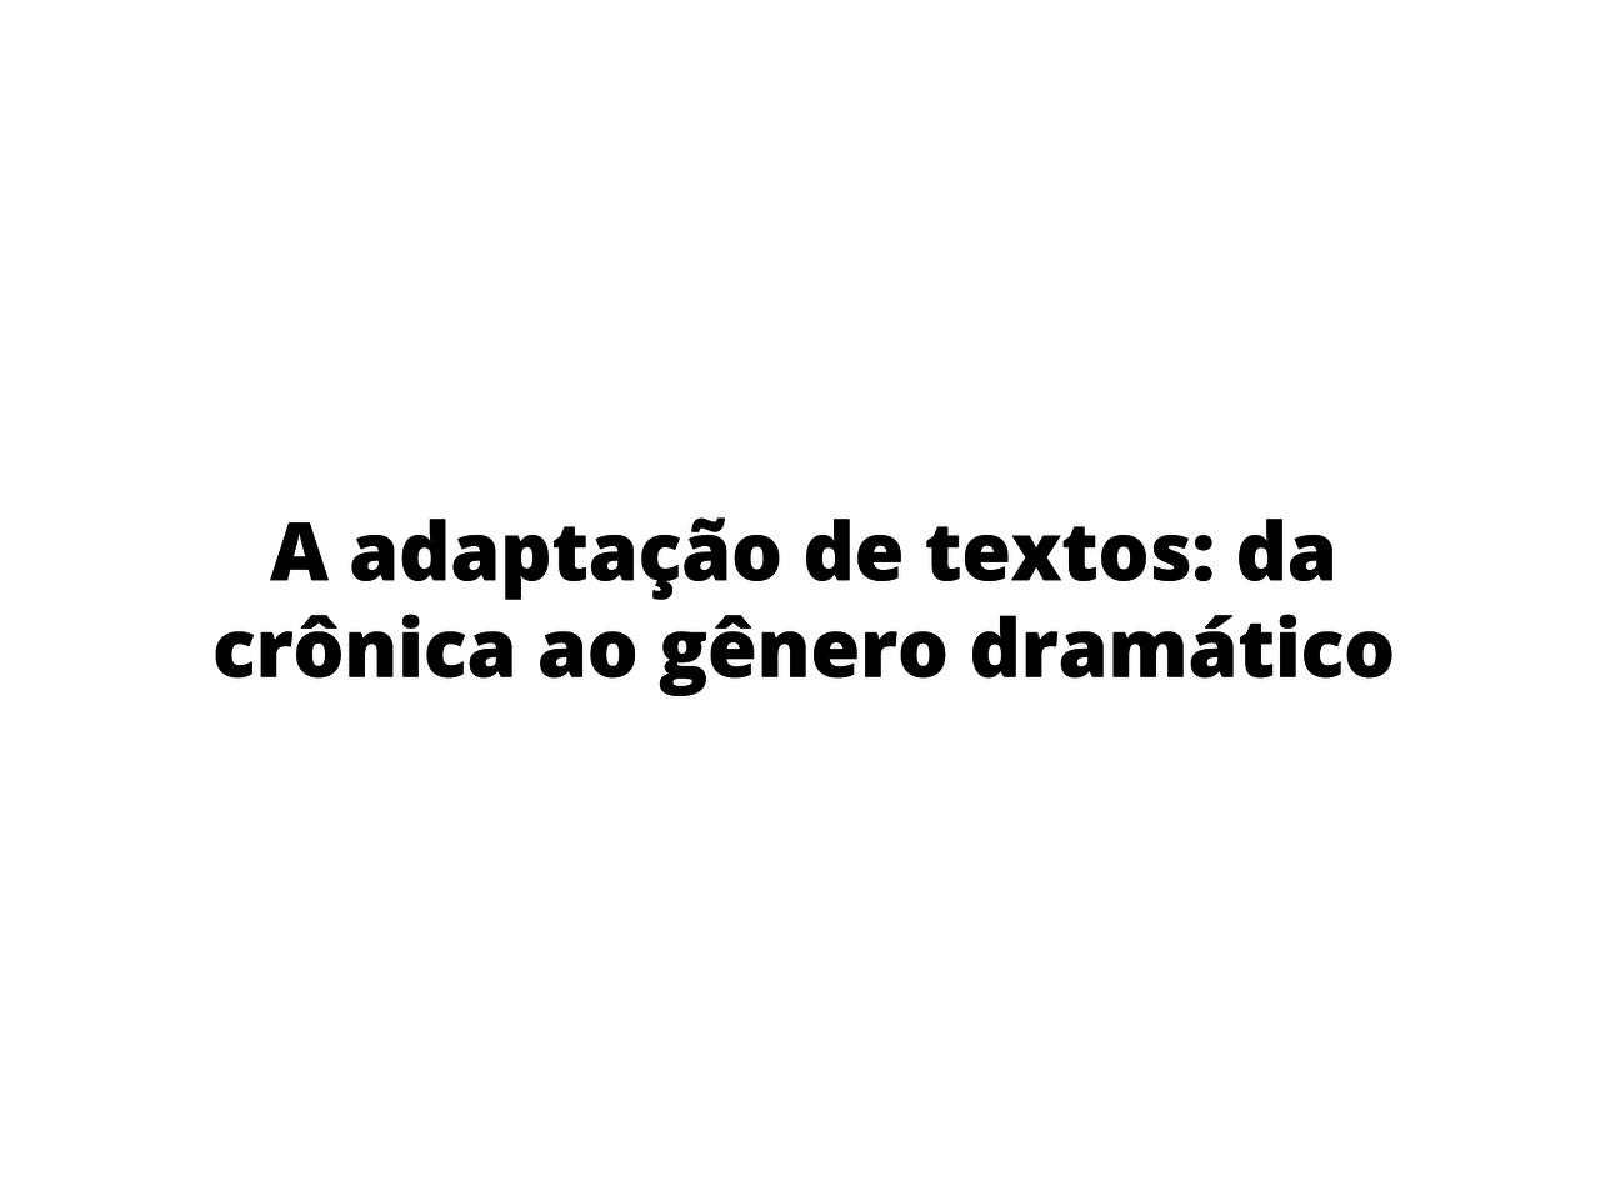 A adaptação de textos: da crônica ao gênero dramático